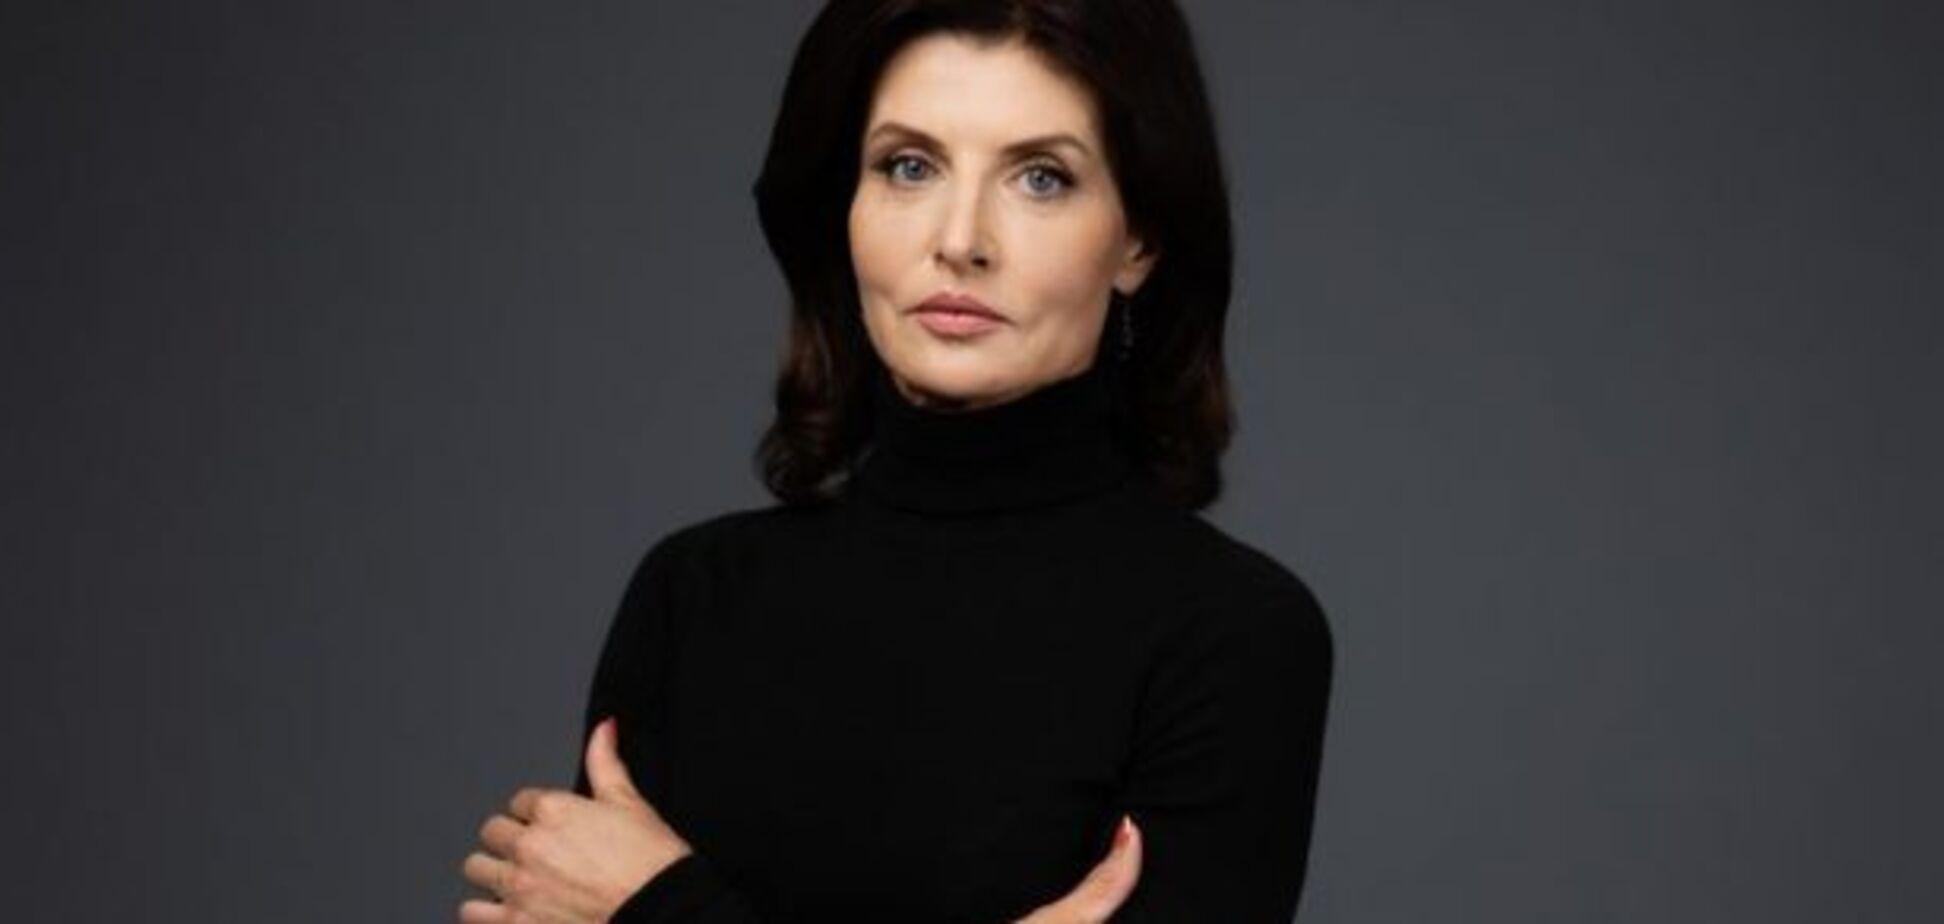 Марина Порошенко заявила о несоответствии Программы развития Киева ожиданиям жителей столицы